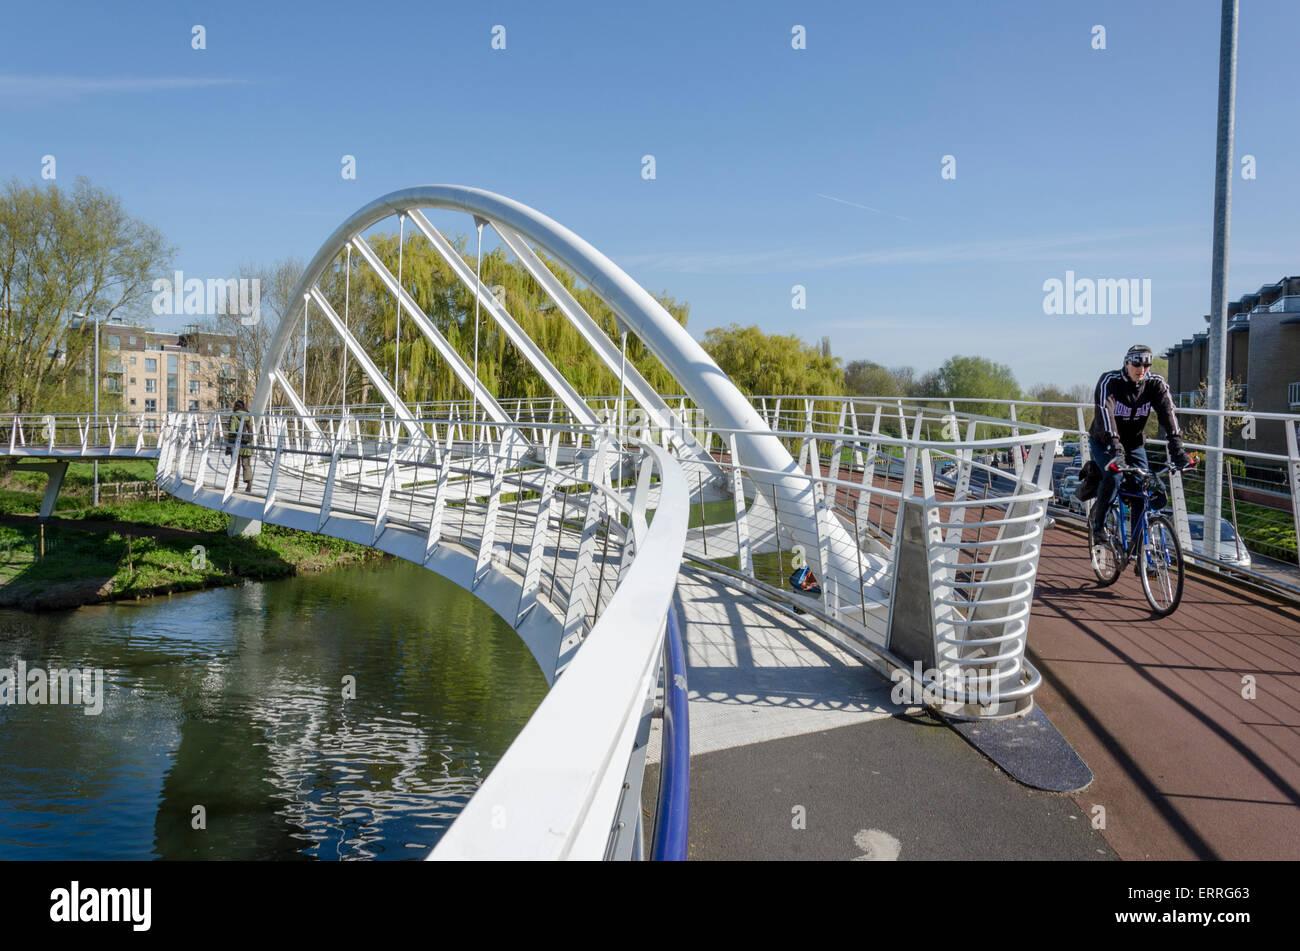 Puente de Riverside. Pie y puente de ciclo abierto 2008 cuesta £3,1 millones financiados en parte por Tesco Imagen De Stock